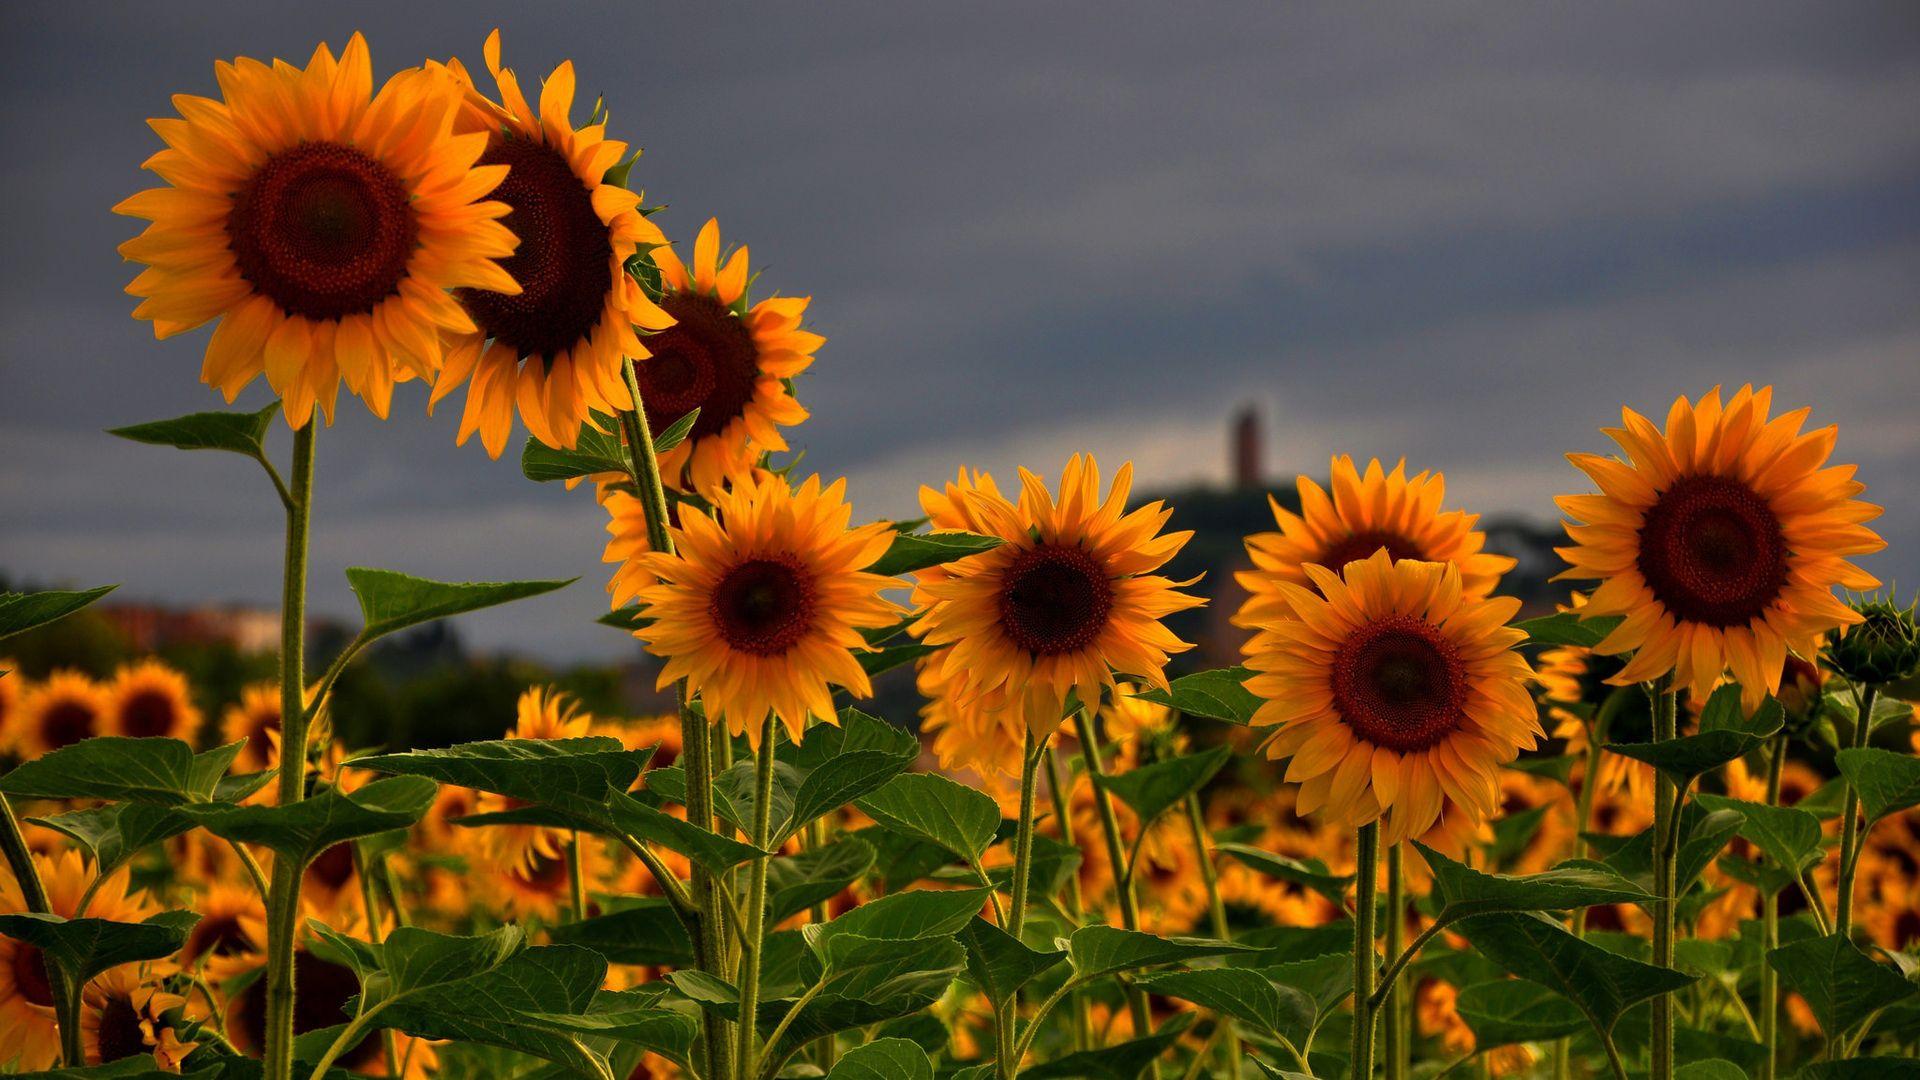 Sunflowers Wallpaper Sunflower Wallpaper Field Wallpaper Sunflower Fields